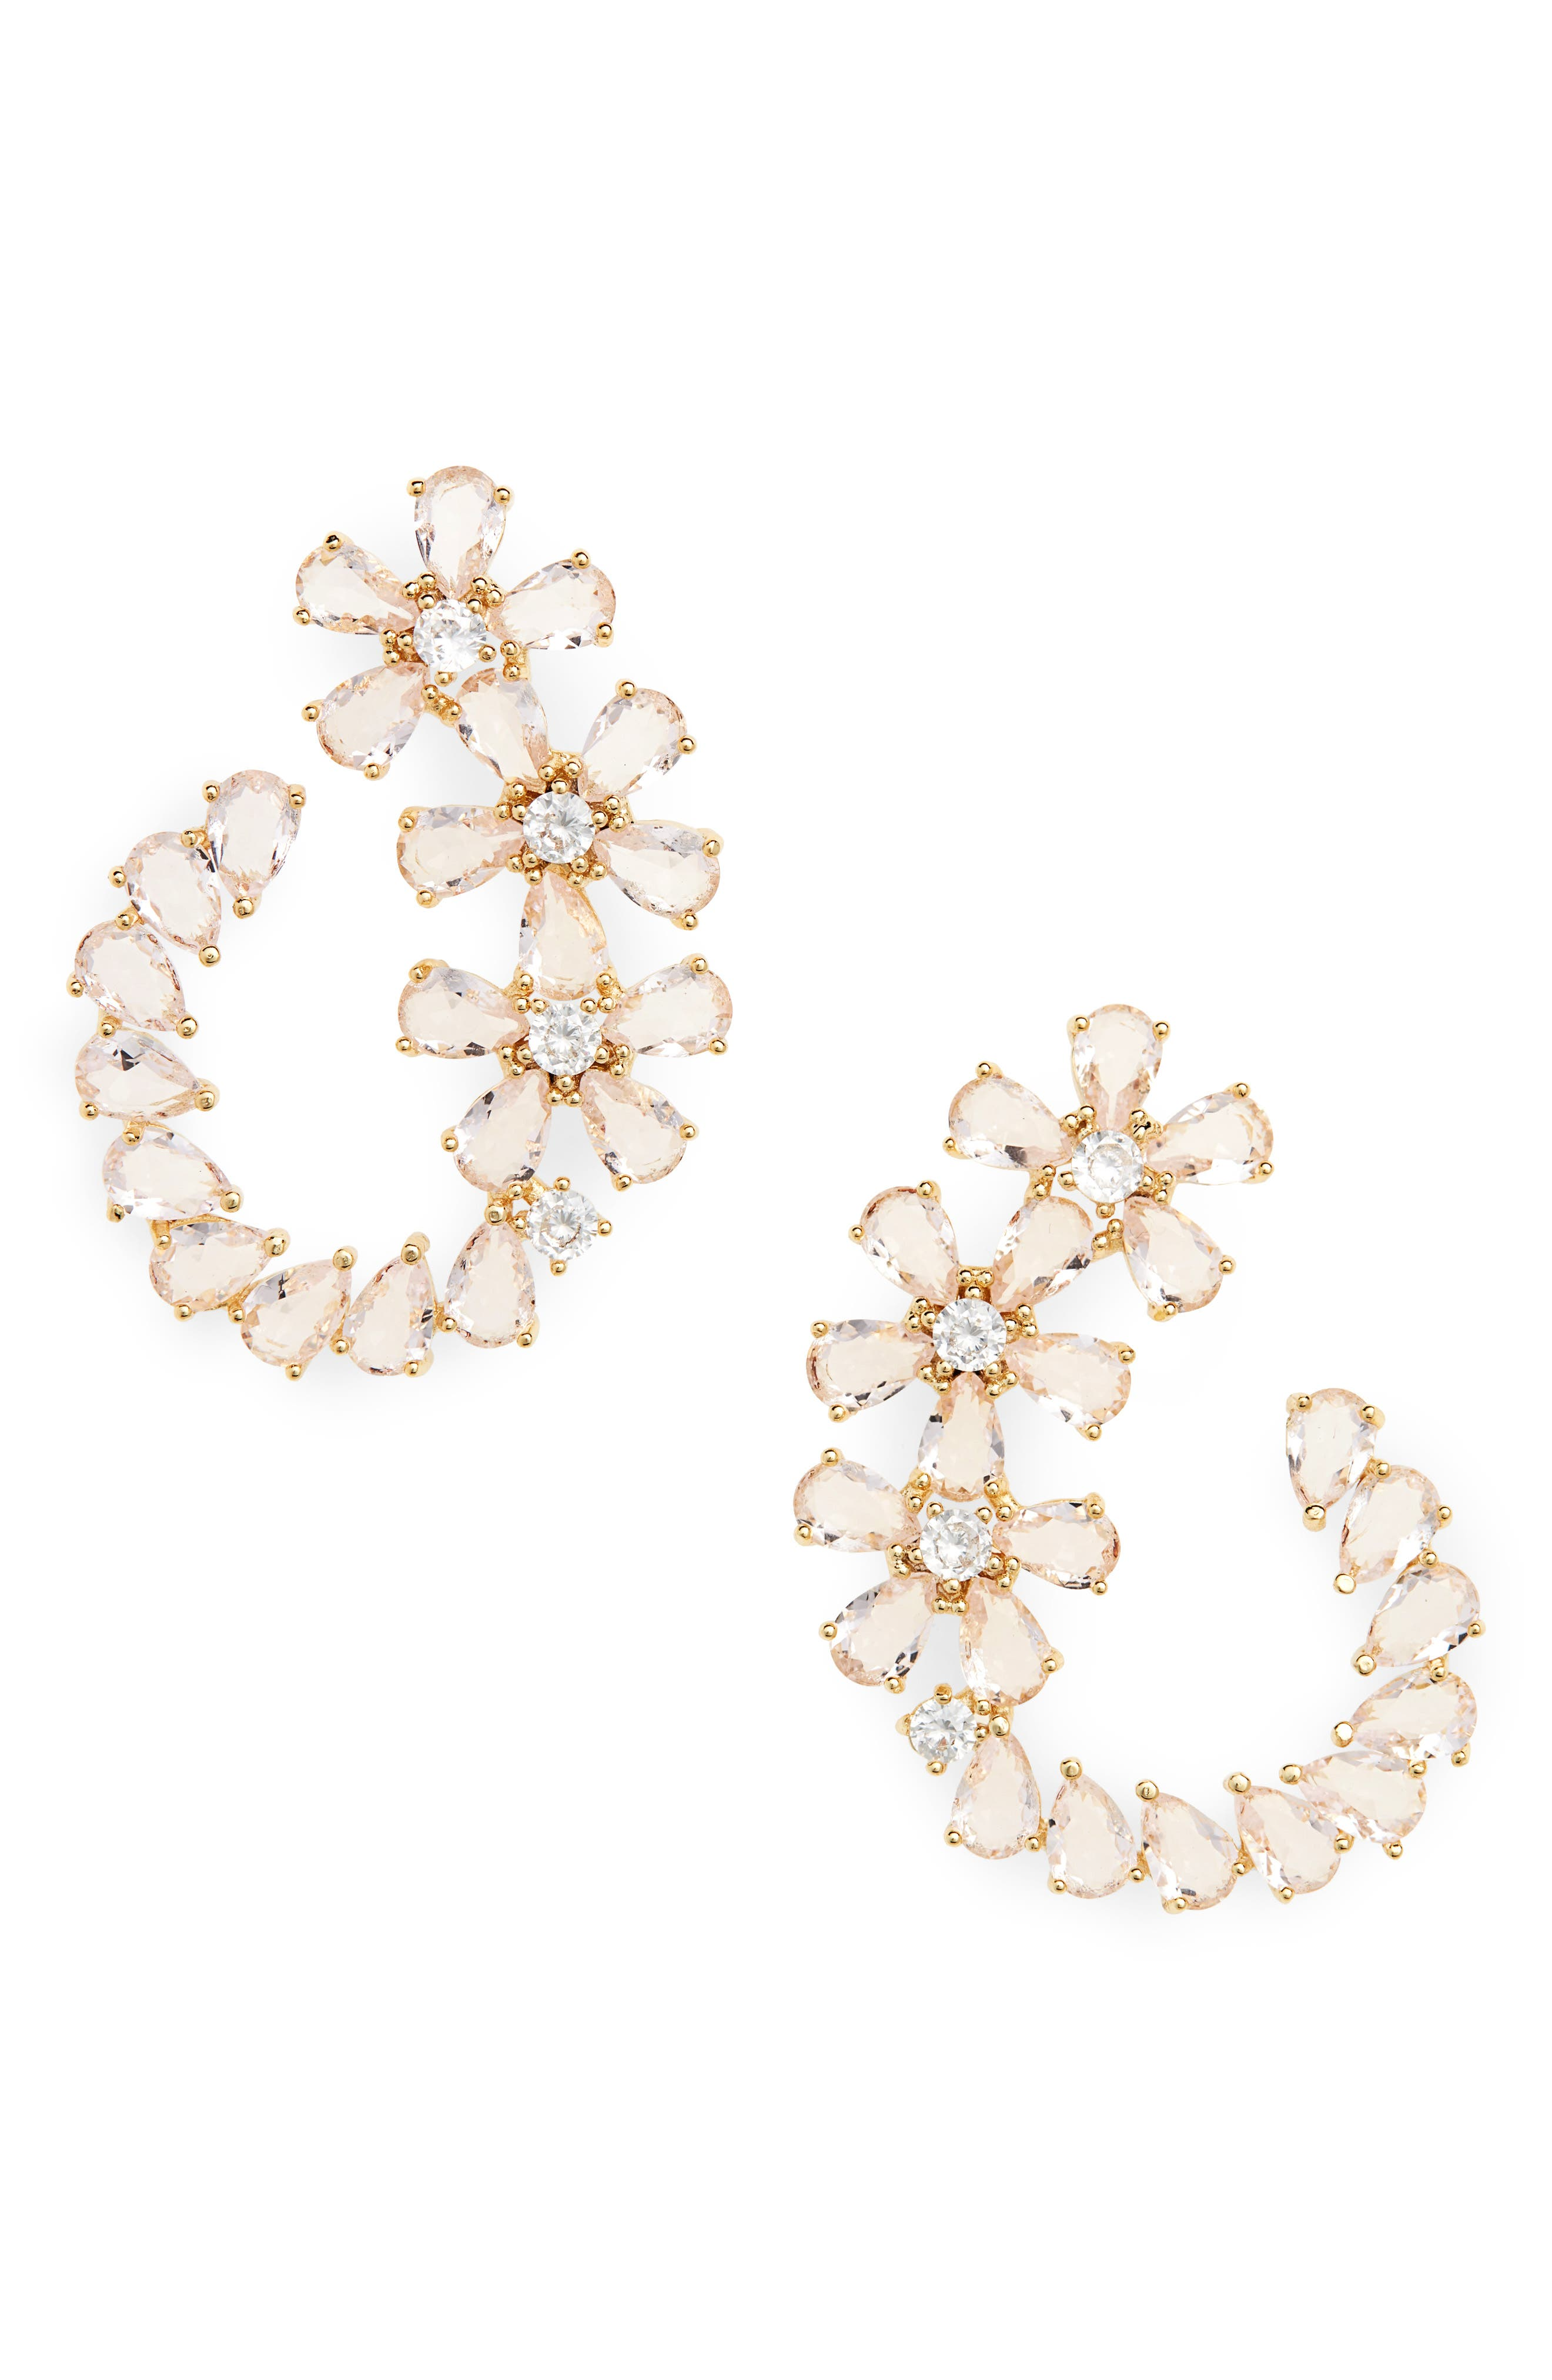 SEREFINA Ice Flower Statement Earrings in Gold